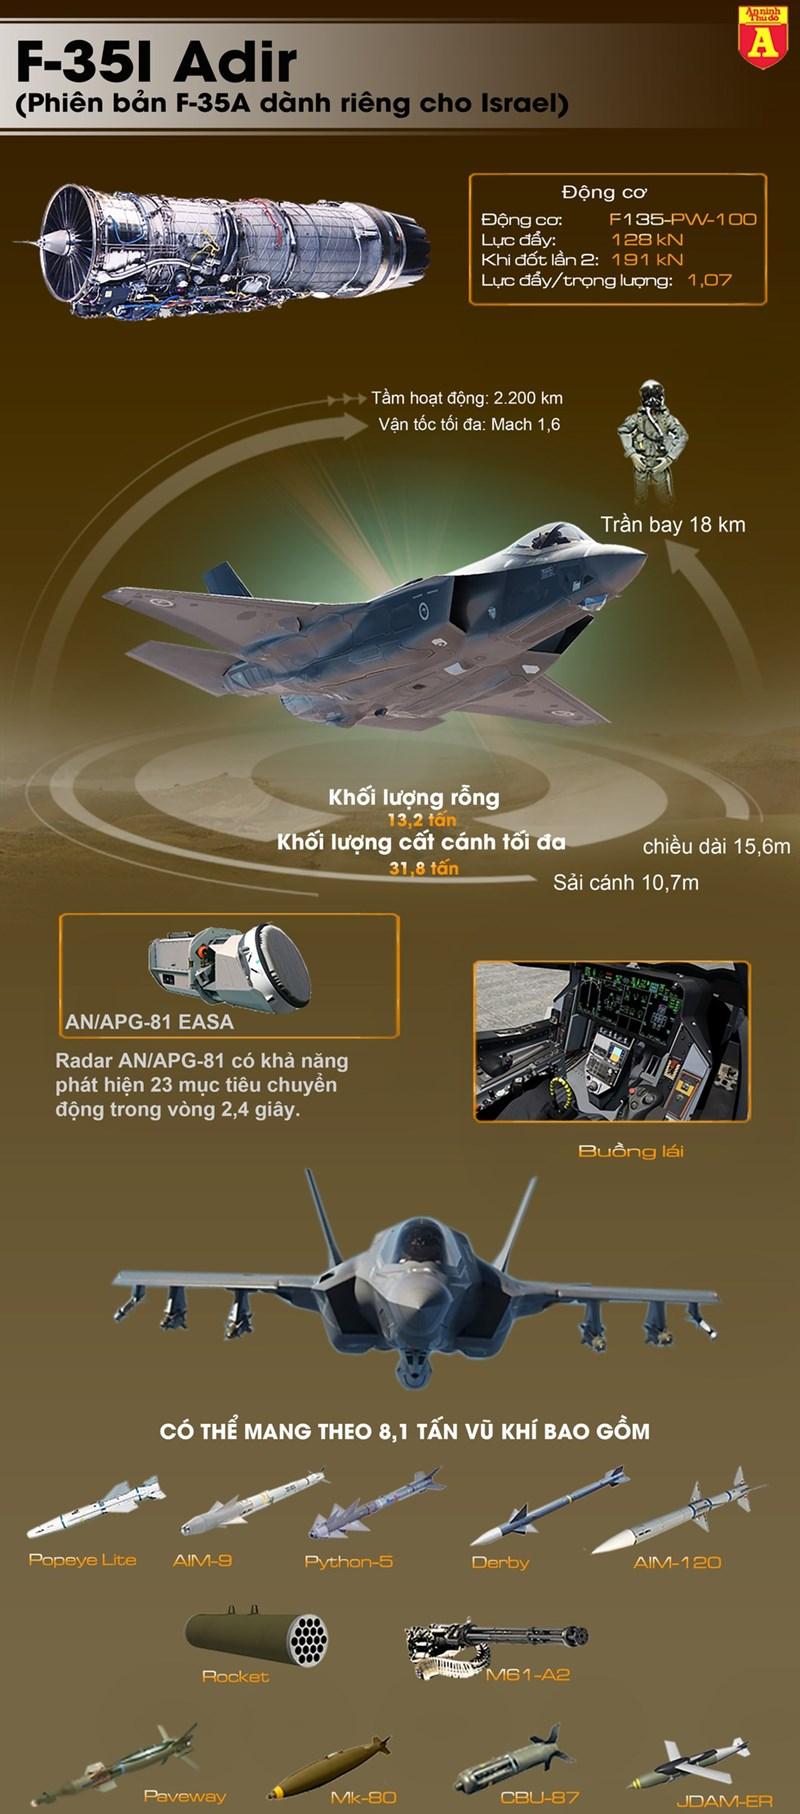 """[Infographics] """"Quái điểu"""" F-35I của Israel lại tiếp tục tung đòn tấn công - Ảnh 1"""